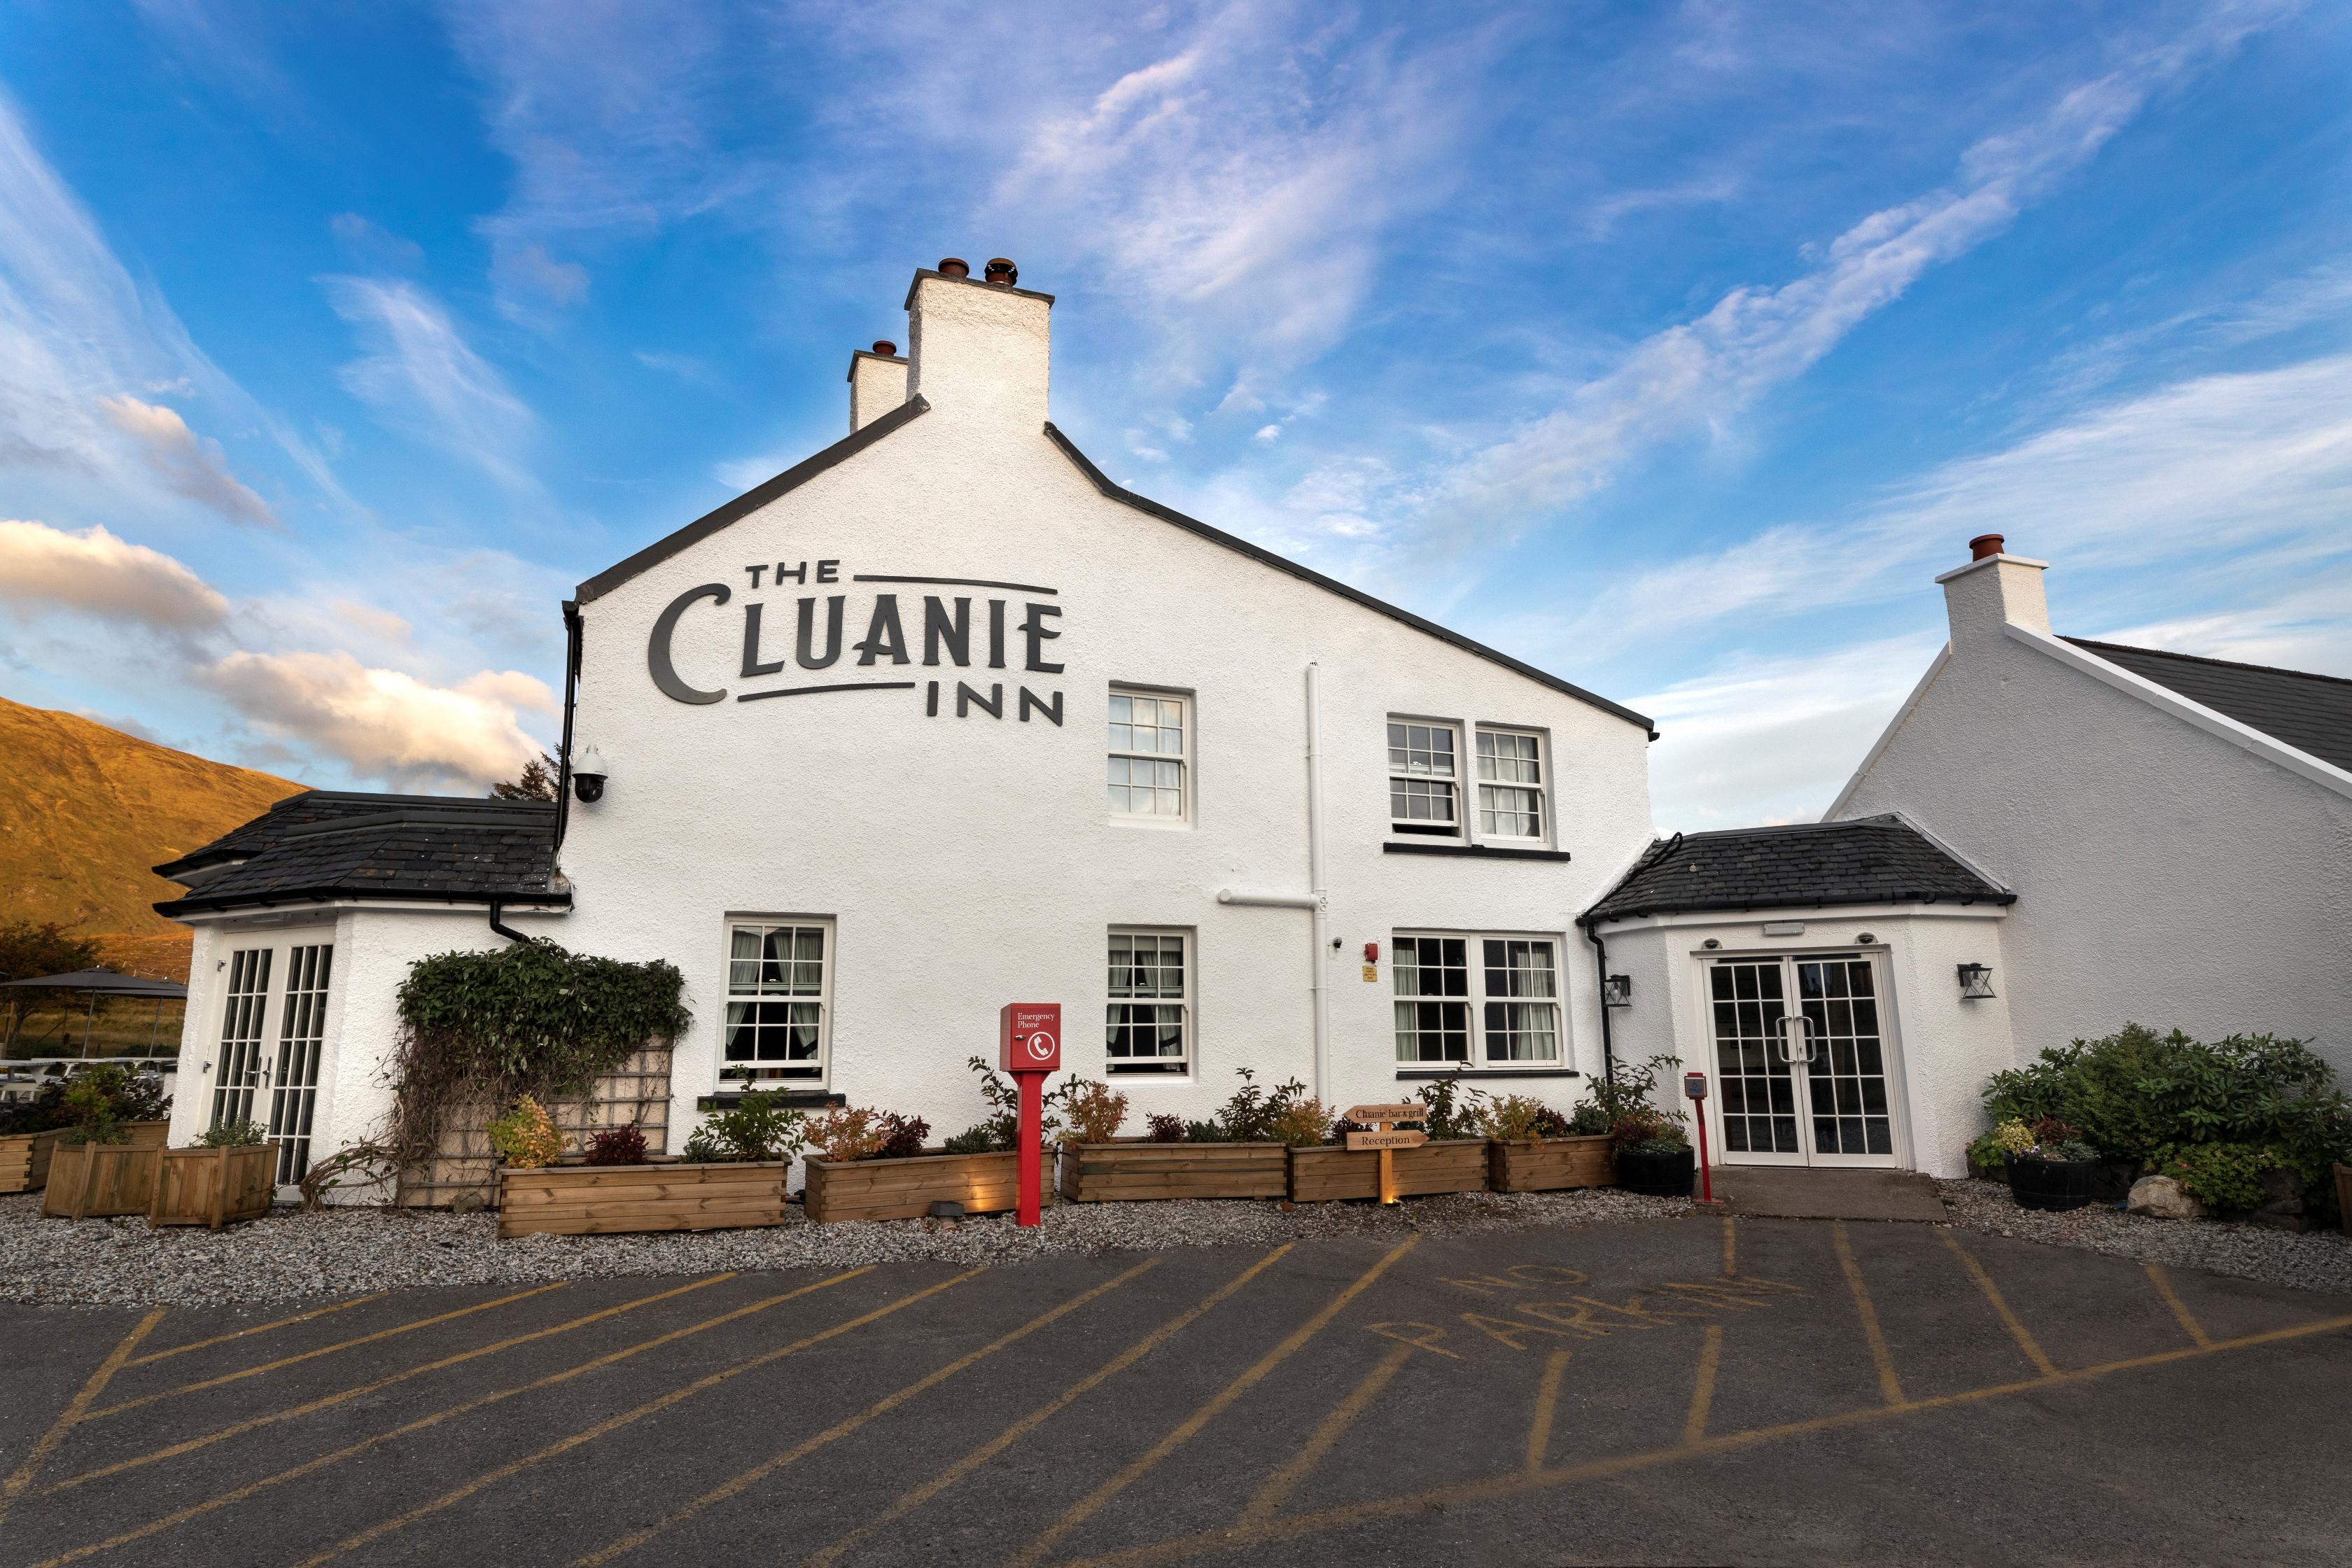 The Cluanie Inn - Business News Scotland